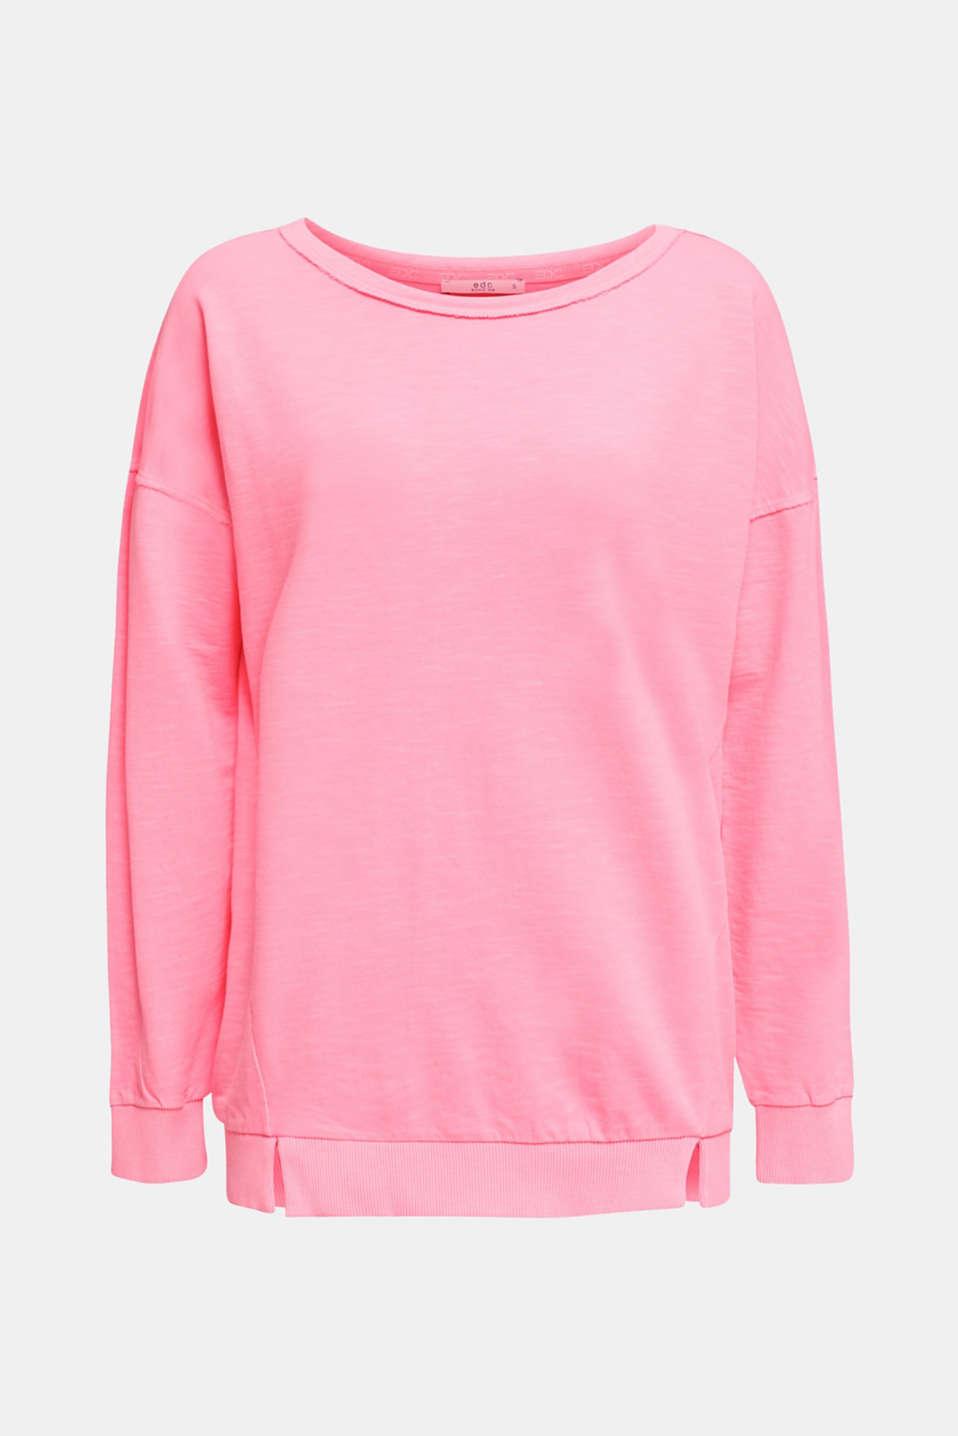 Vintage sweatshirt, PINK, detail image number 6